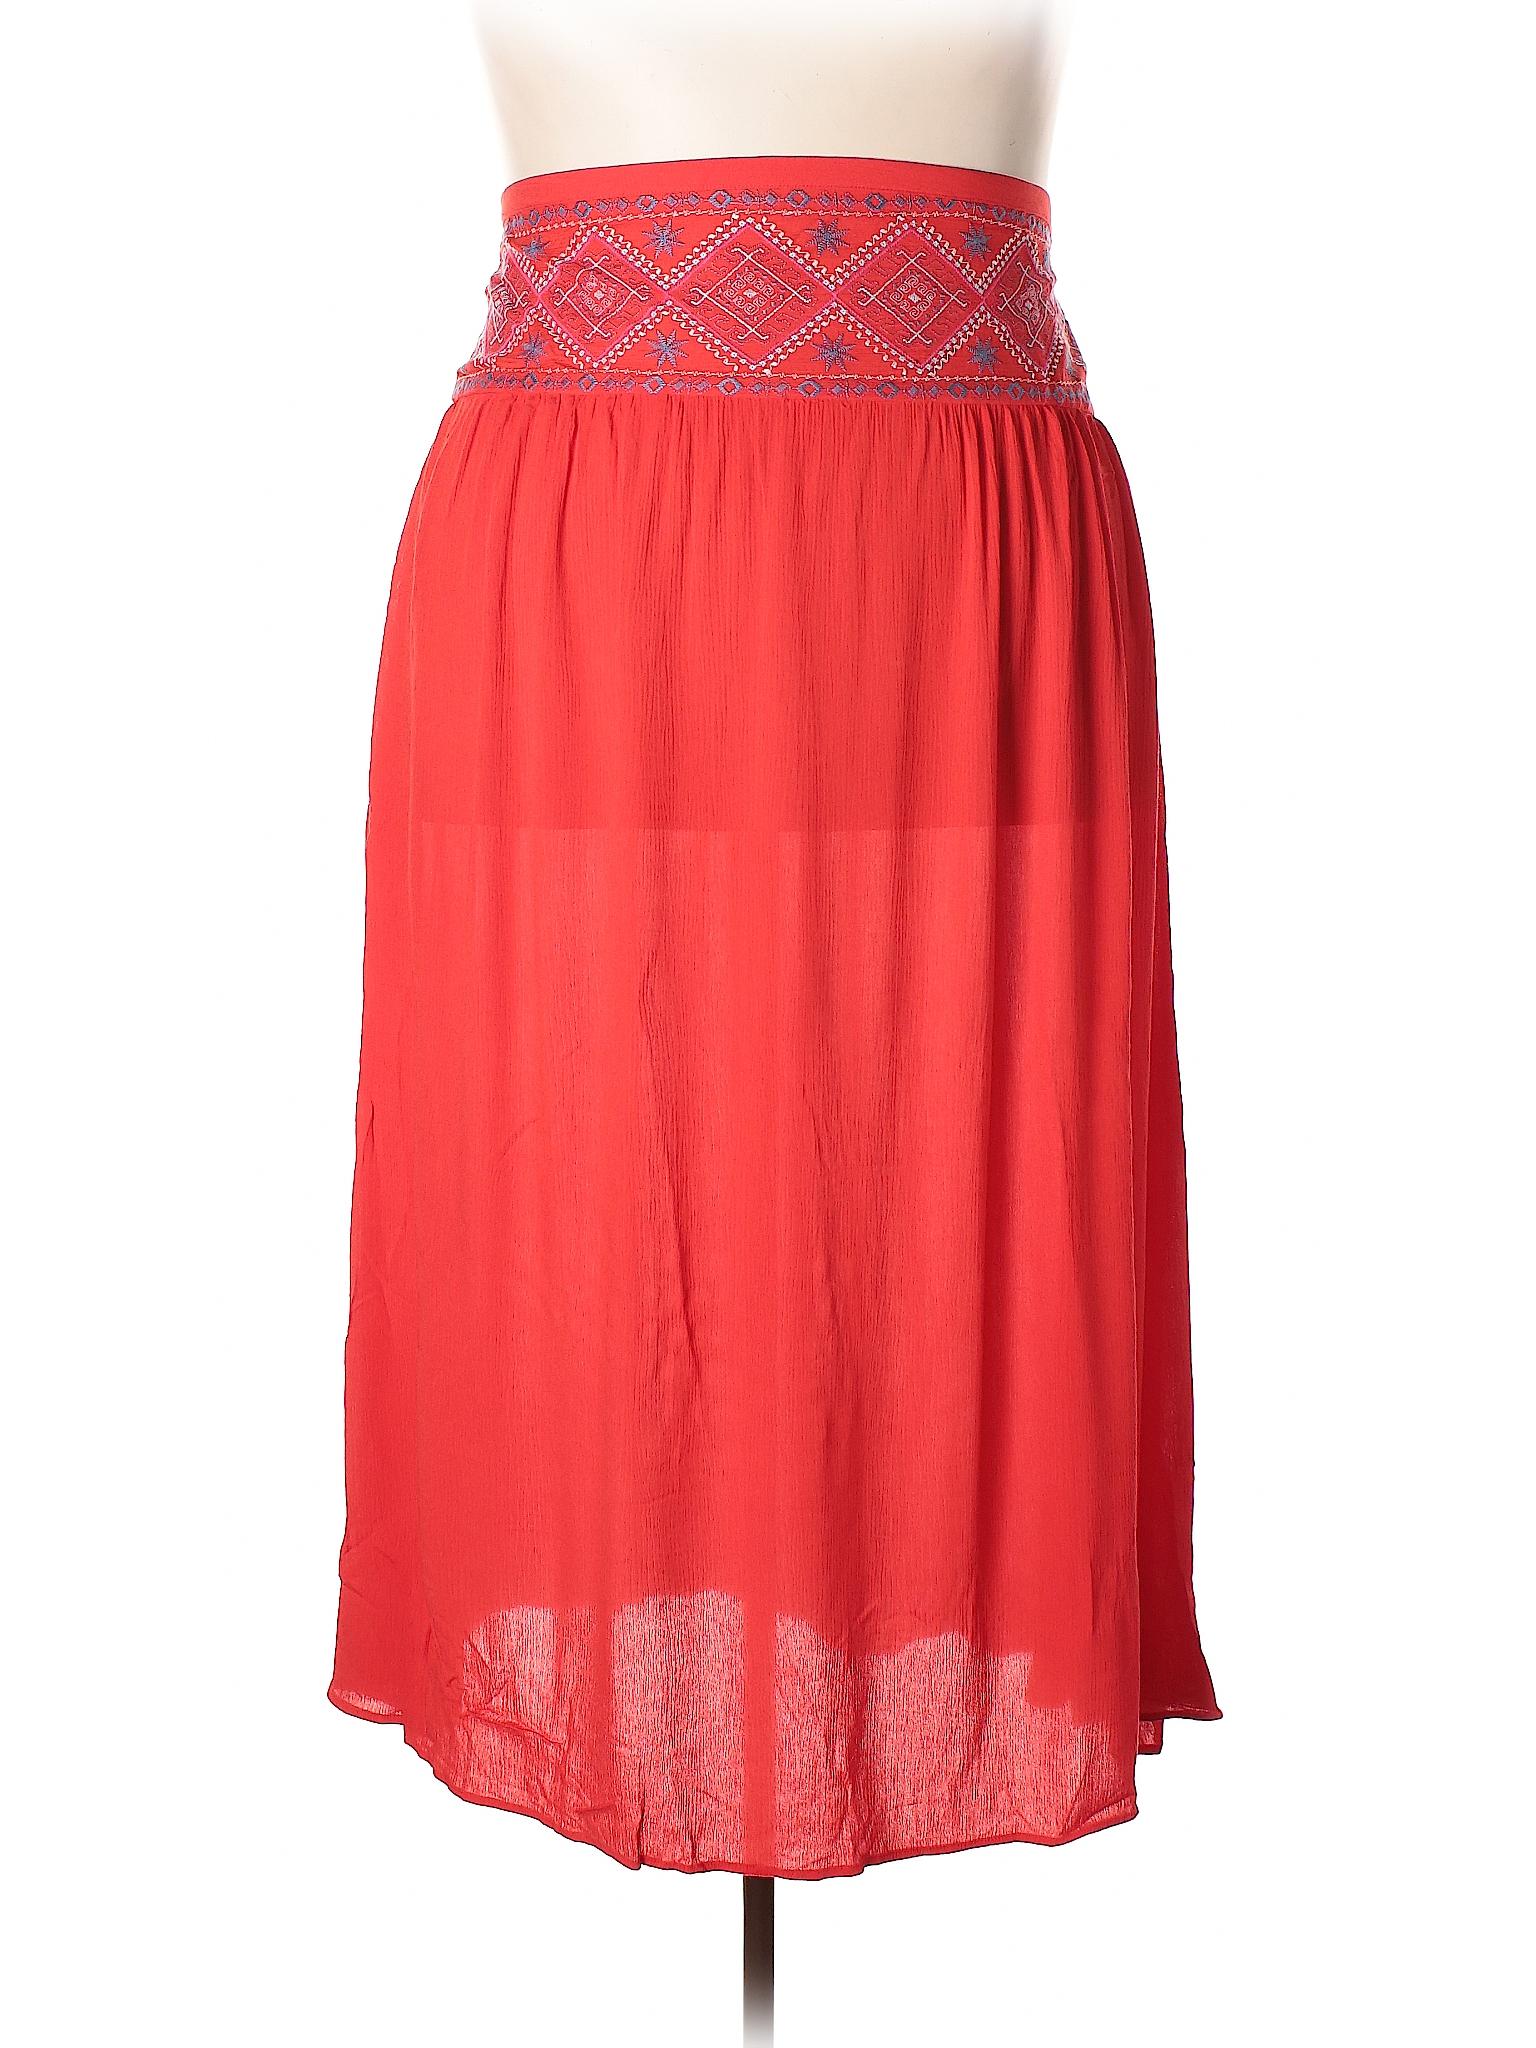 Casual Boutique Skirt Boutique Skirt Skirt Casual Boutique Casual Boutique Skirt Boutique Casual 7wqIxqBXHn